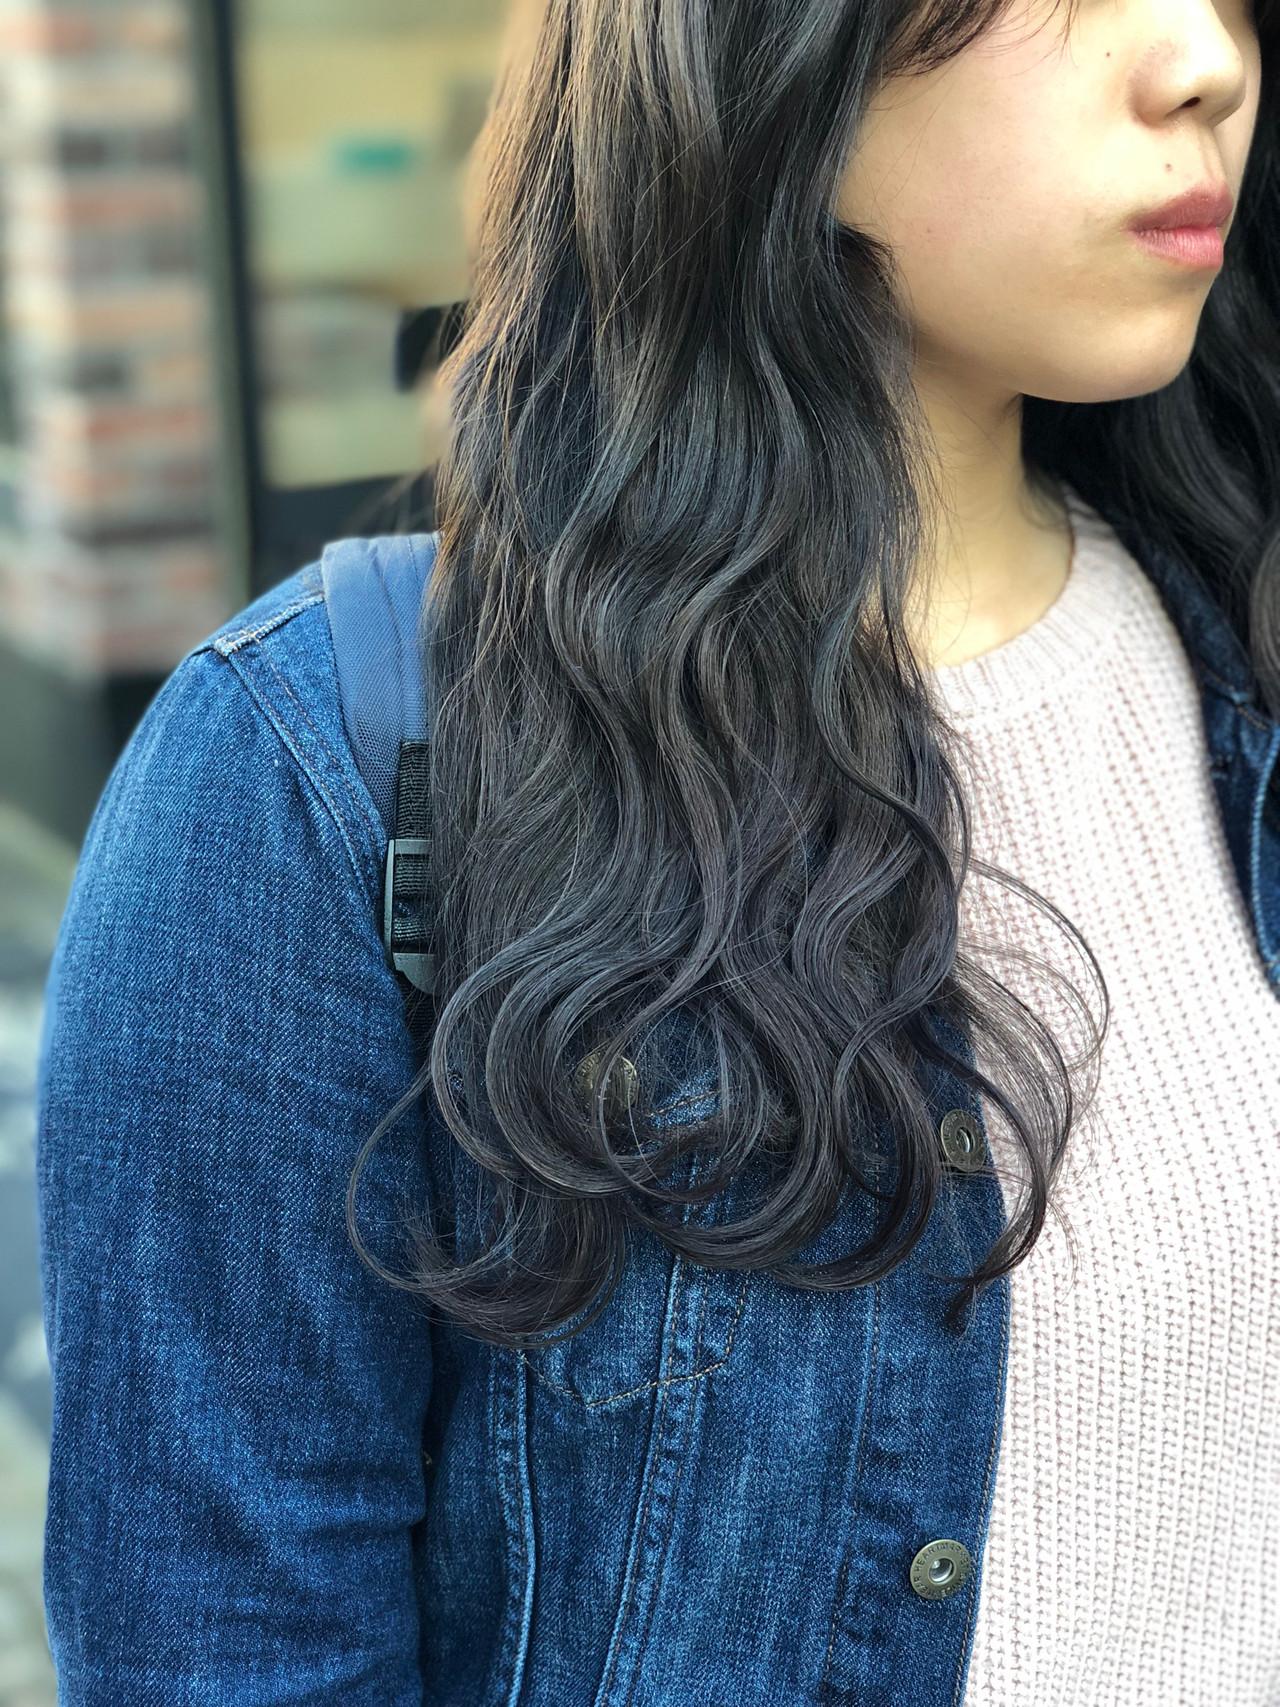 グレージュ 暗髪 ロング ブルージュ ヘアスタイルや髪型の写真・画像